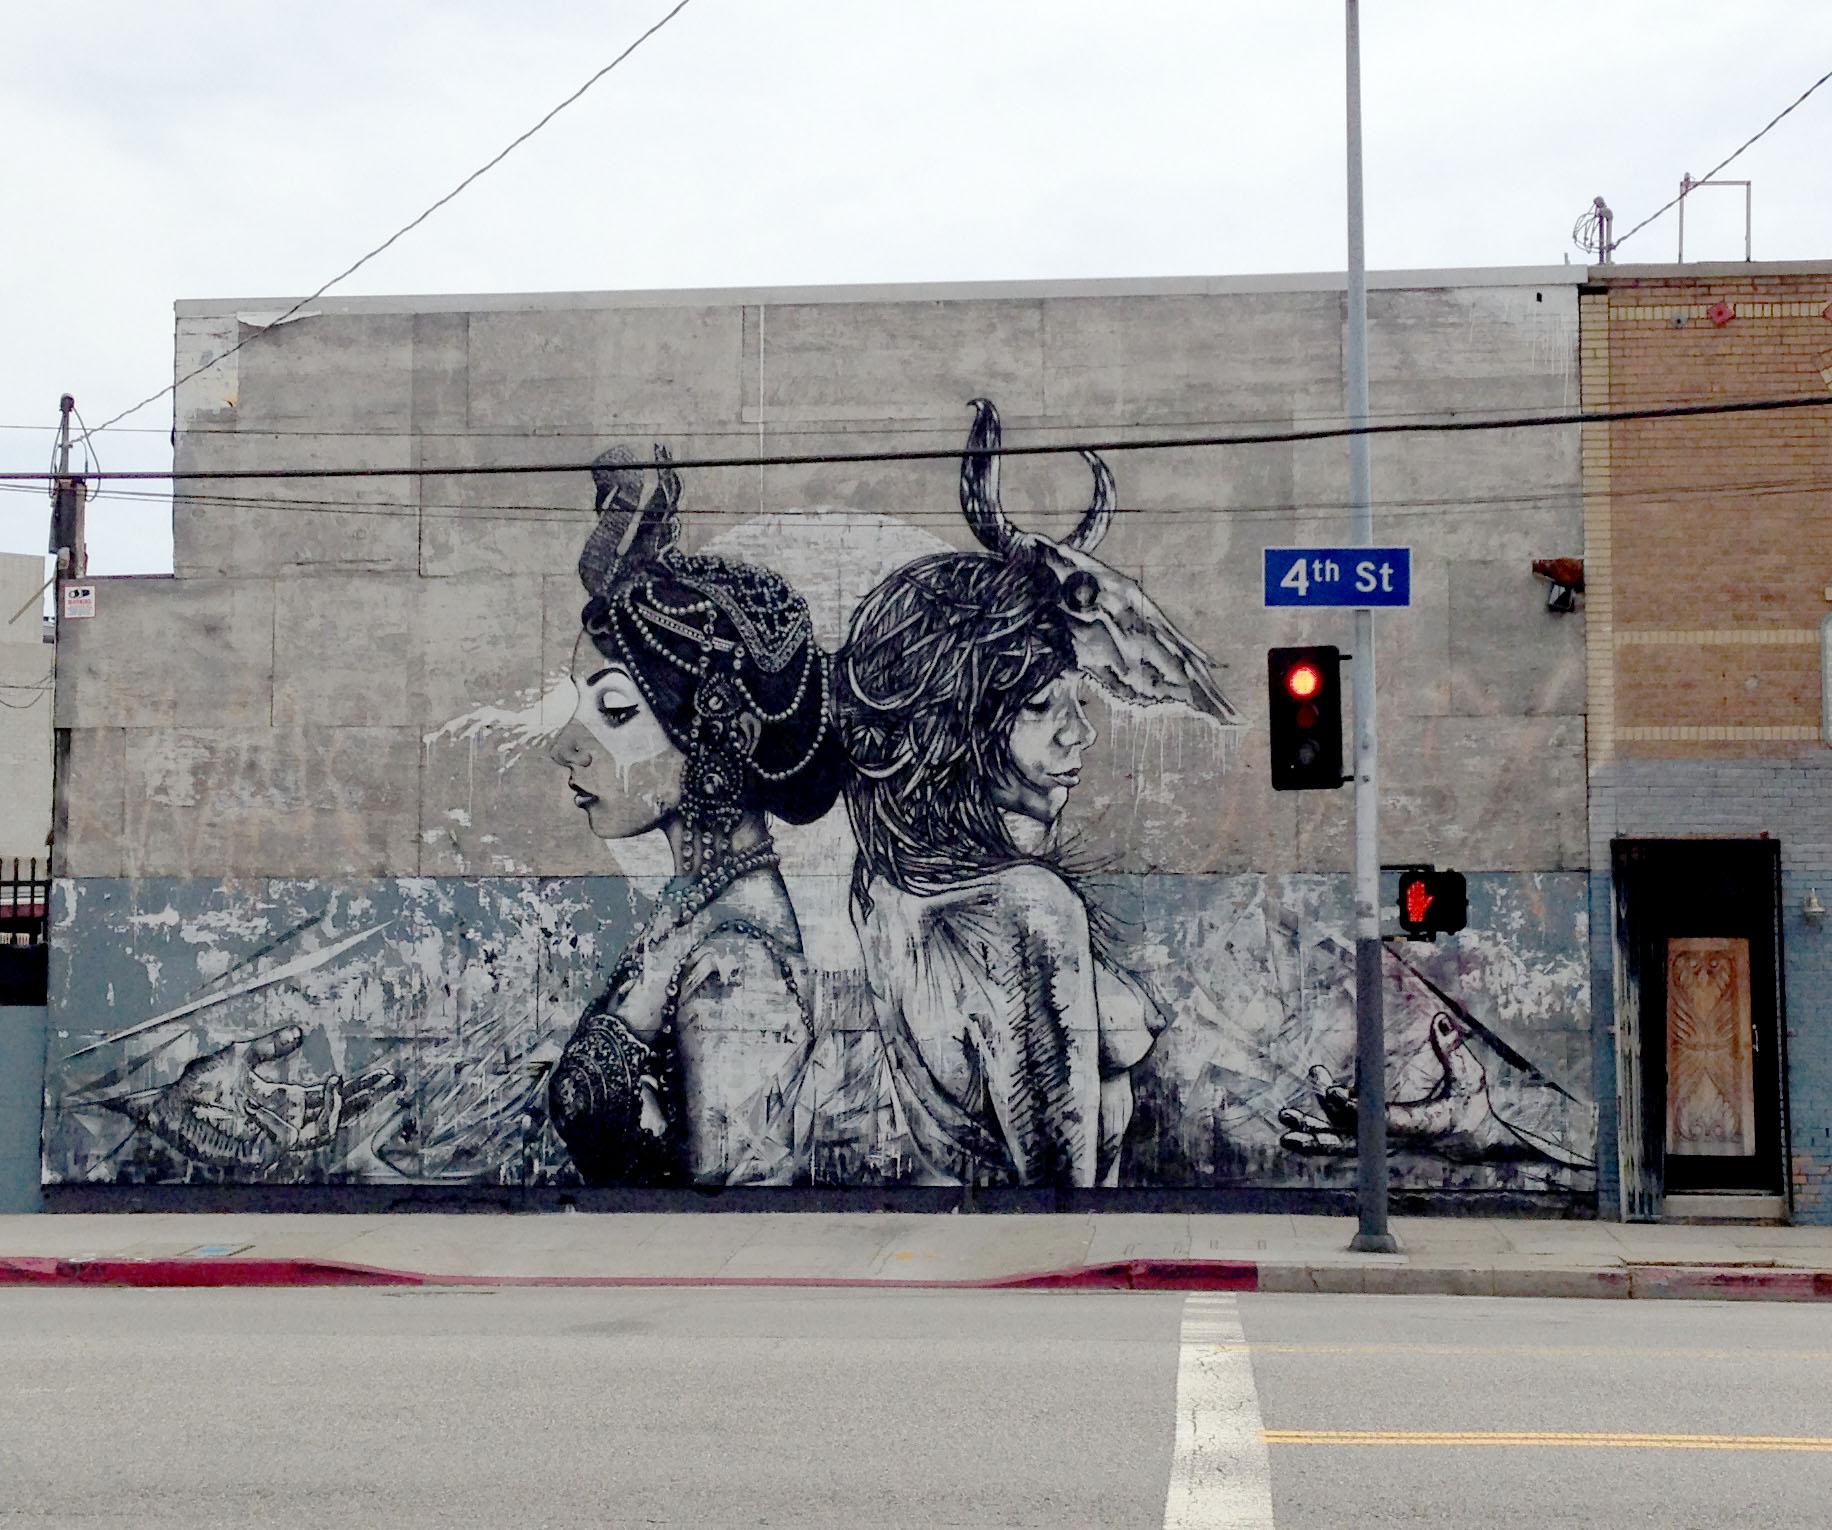 streetartstarfighterafindacarone